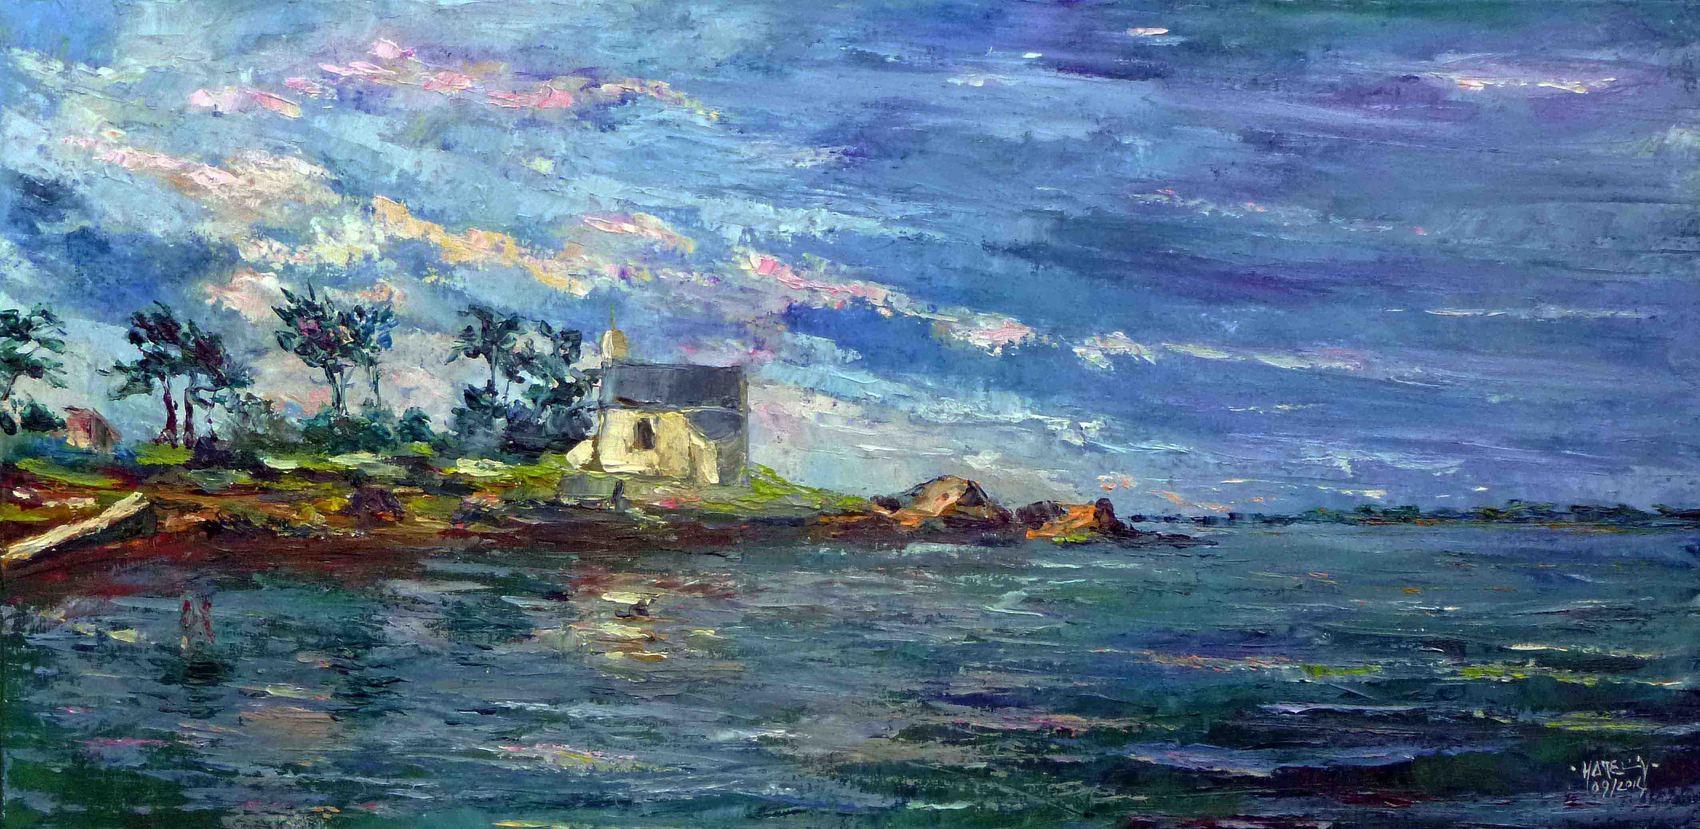 Peinture Golfe du Morbihan : île de Boedic